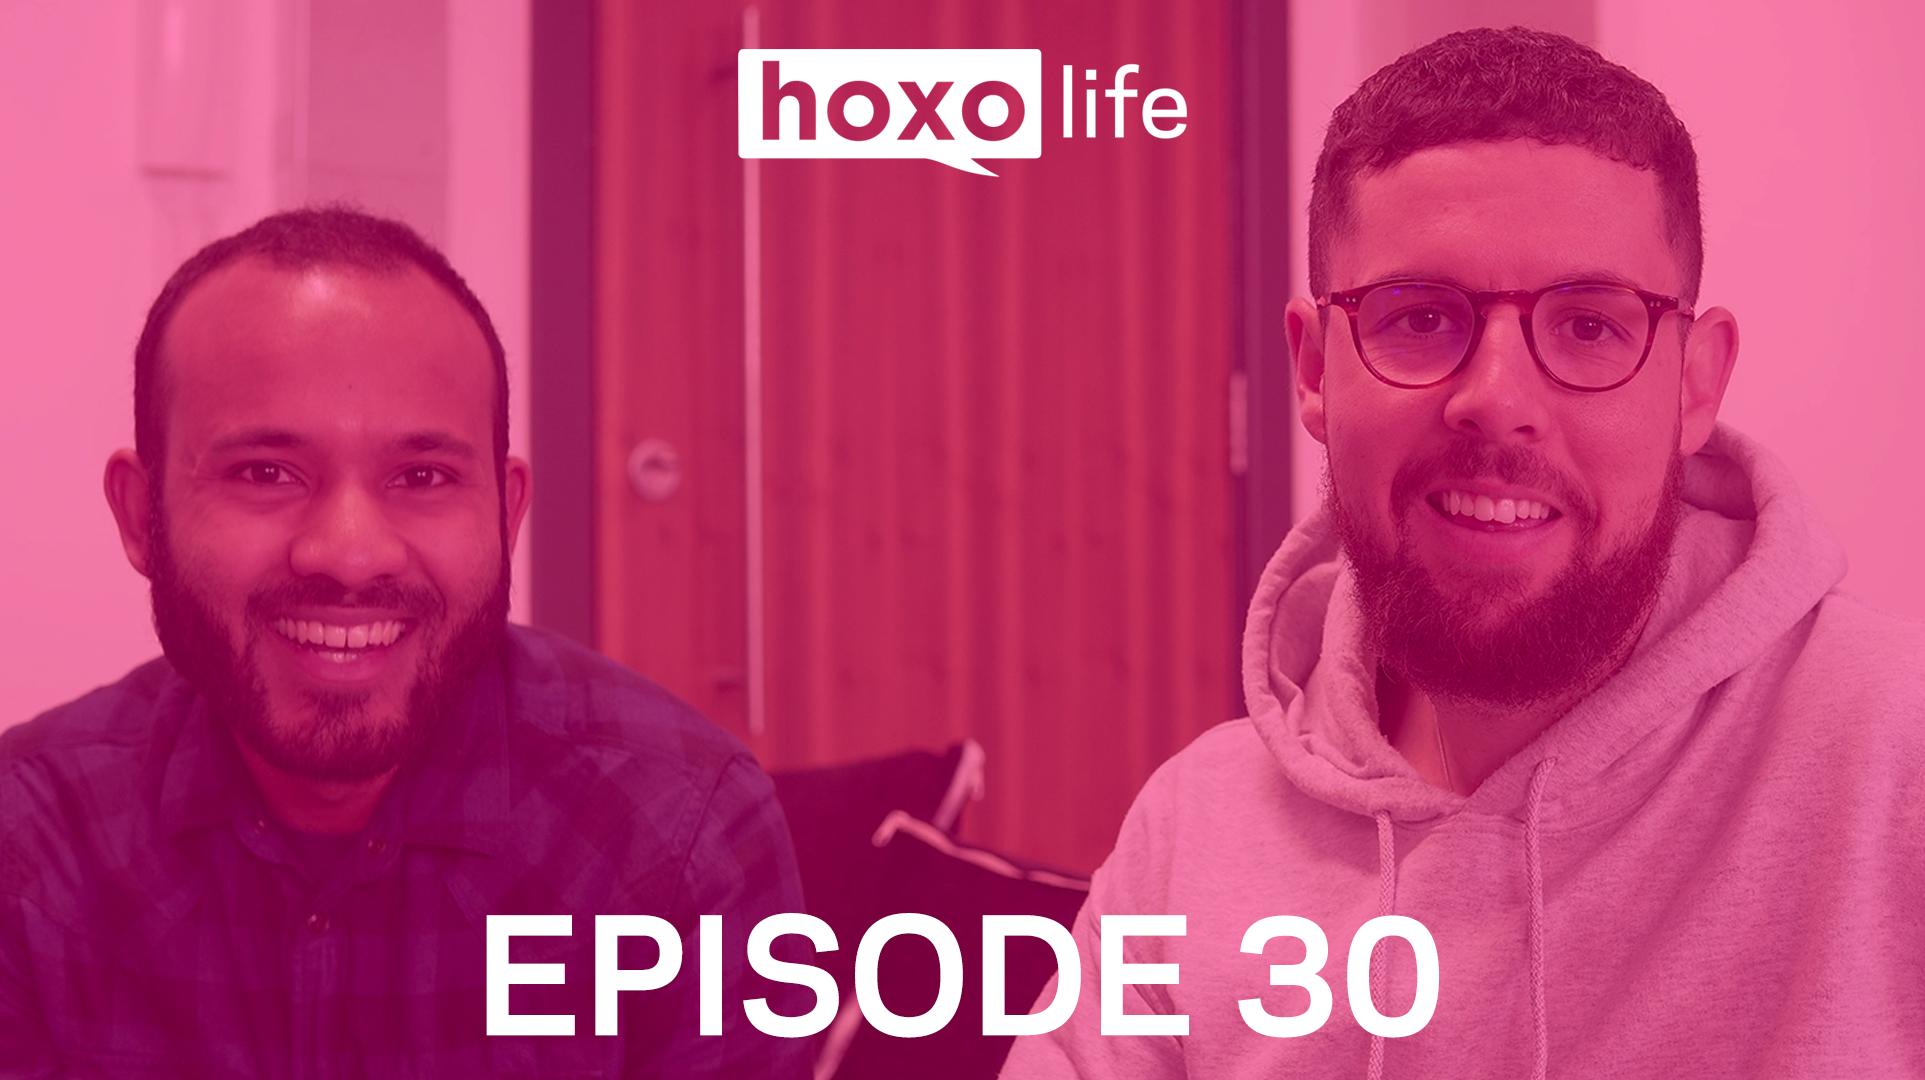 Hoxo Life 30 Main